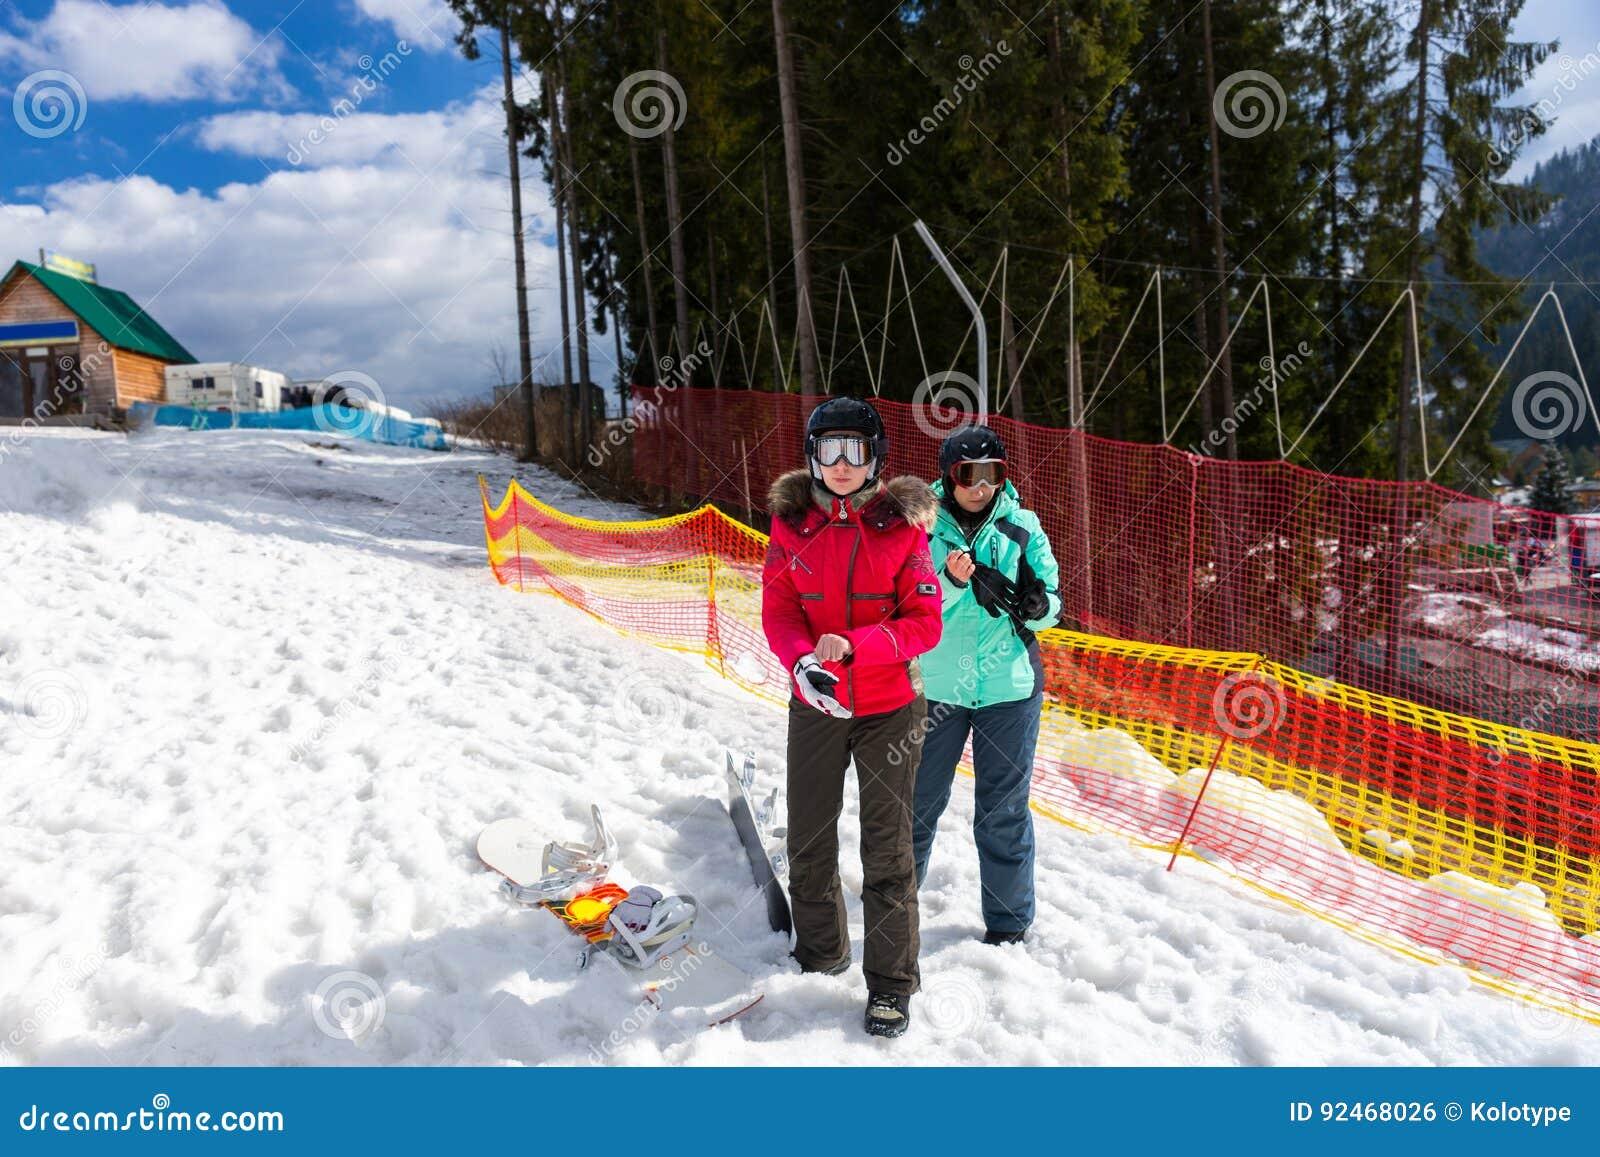 dc98e069e3 Deux jeunes femmes dans des costumes de ski, avec des casques et des lunettes  de ski se tenant près de la barrière dans une ski-station de vacances dans  la ...